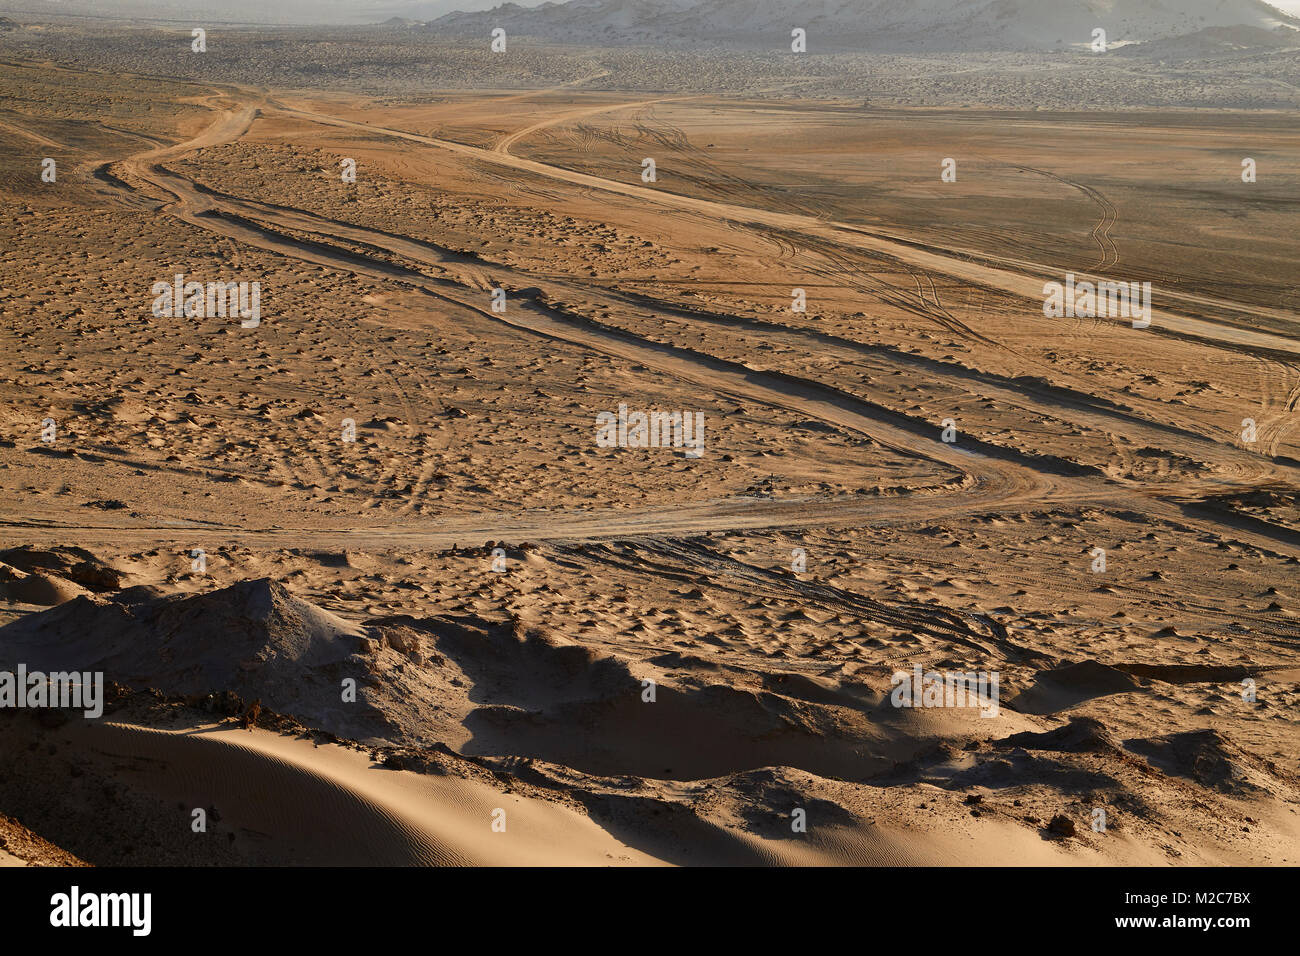 tracks in the desert sand, Western Sahara - Stock Image